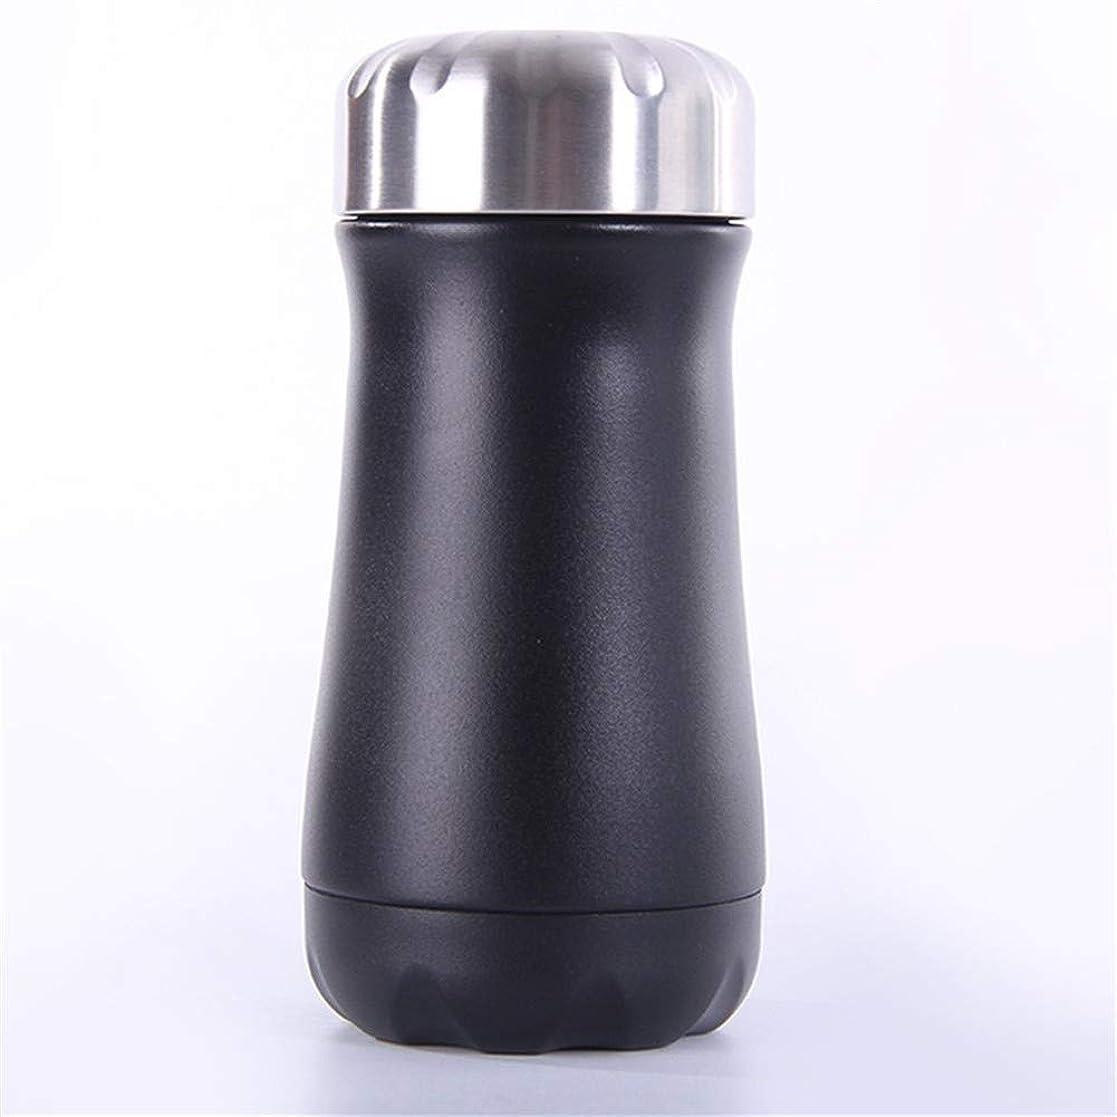 進む関税条約屋外ポータブルスプレーボトルステンレスマグ 便利さ (Color : Black, Size : 350ml)